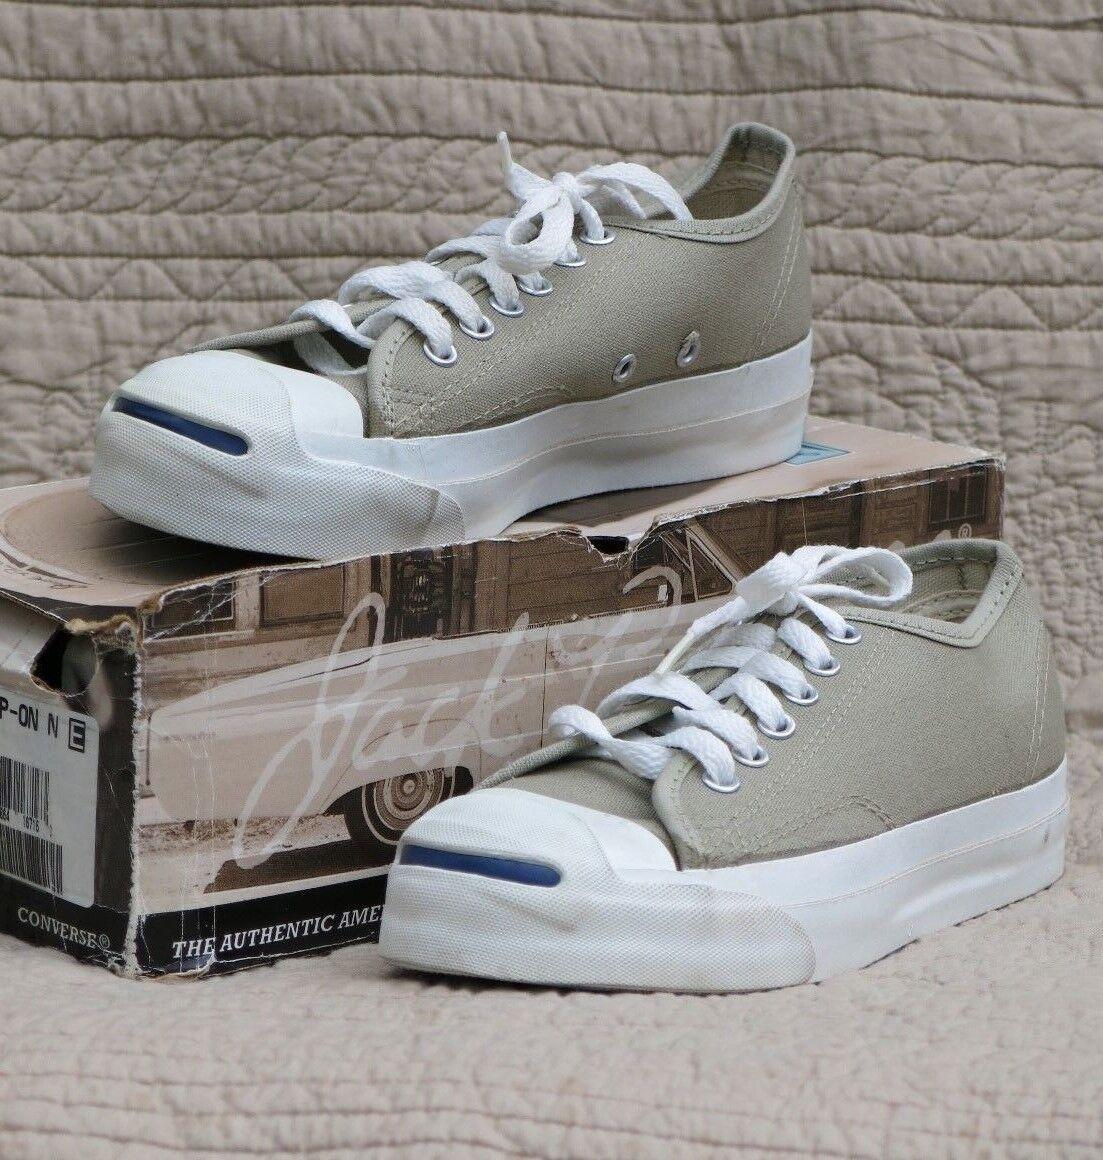 Converse Jack Purcell Chaussures de tennis fait U. S, un, nouveau old stock Hommes  s 4.5 Beige